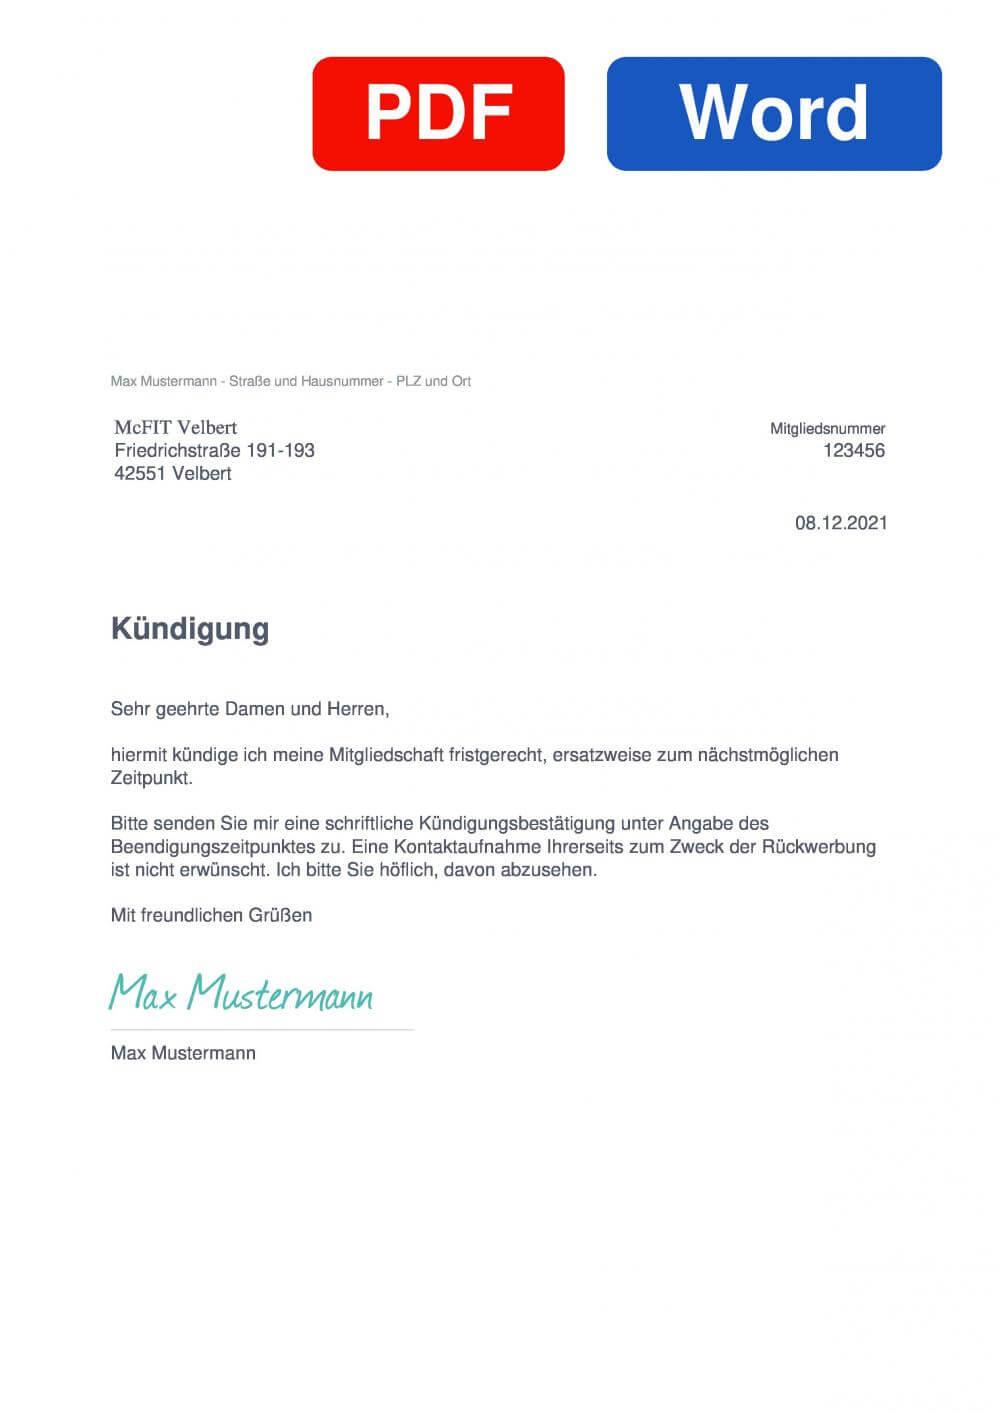 McFIT Velbert Muster Vorlage für Kündigungsschreiben